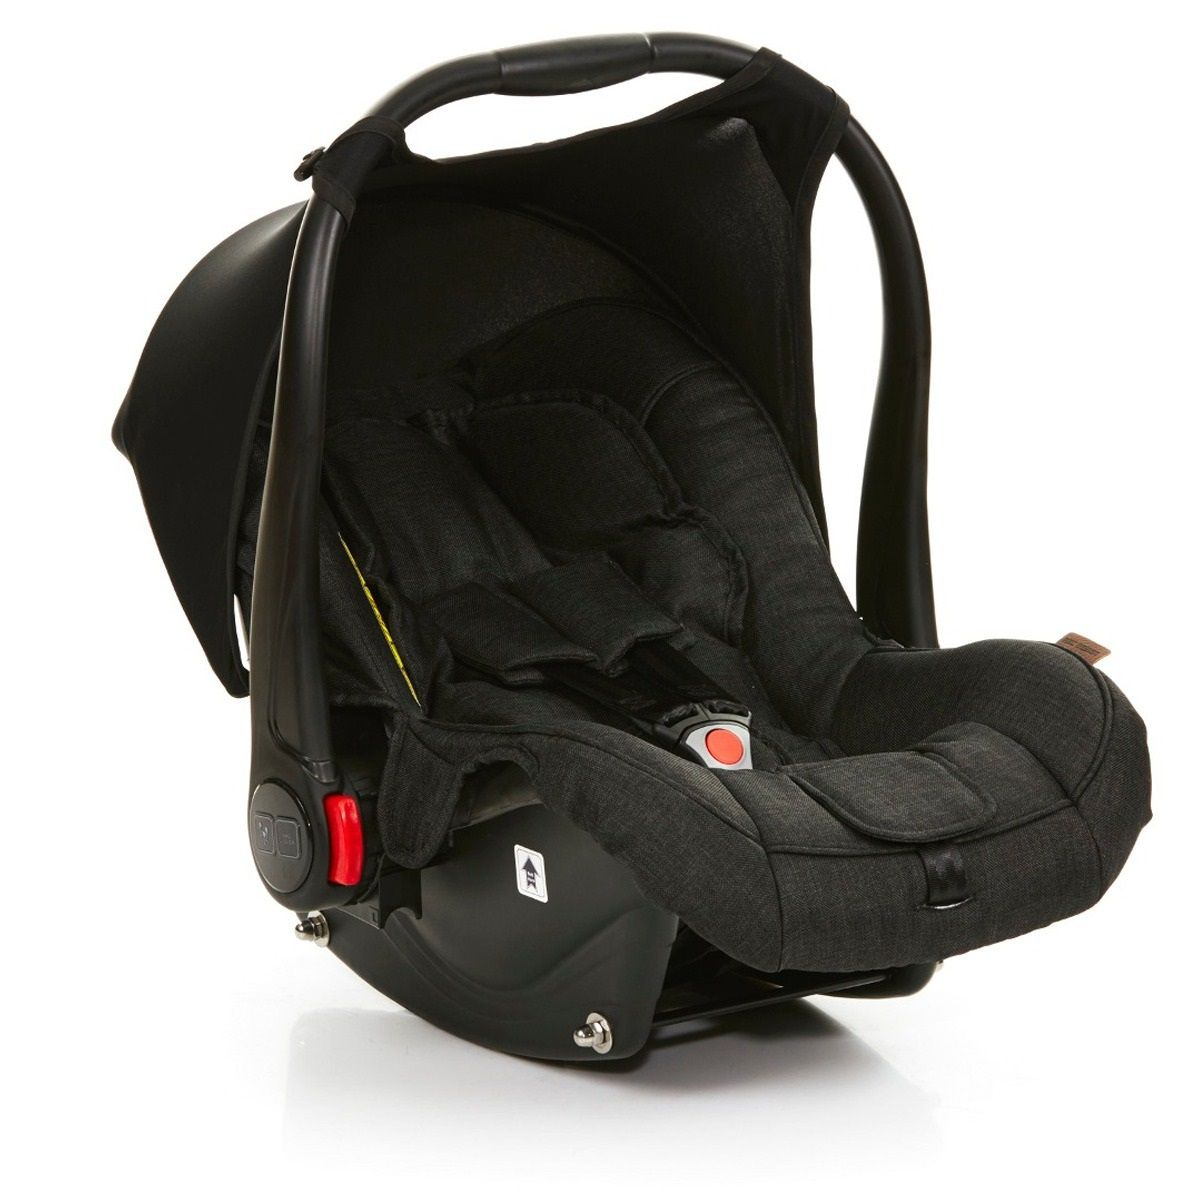 Kit Carrinho Moisés COMO 4 com Bebê Conforto + Bolsa Wover Black (Det. Couro) - ABC Design